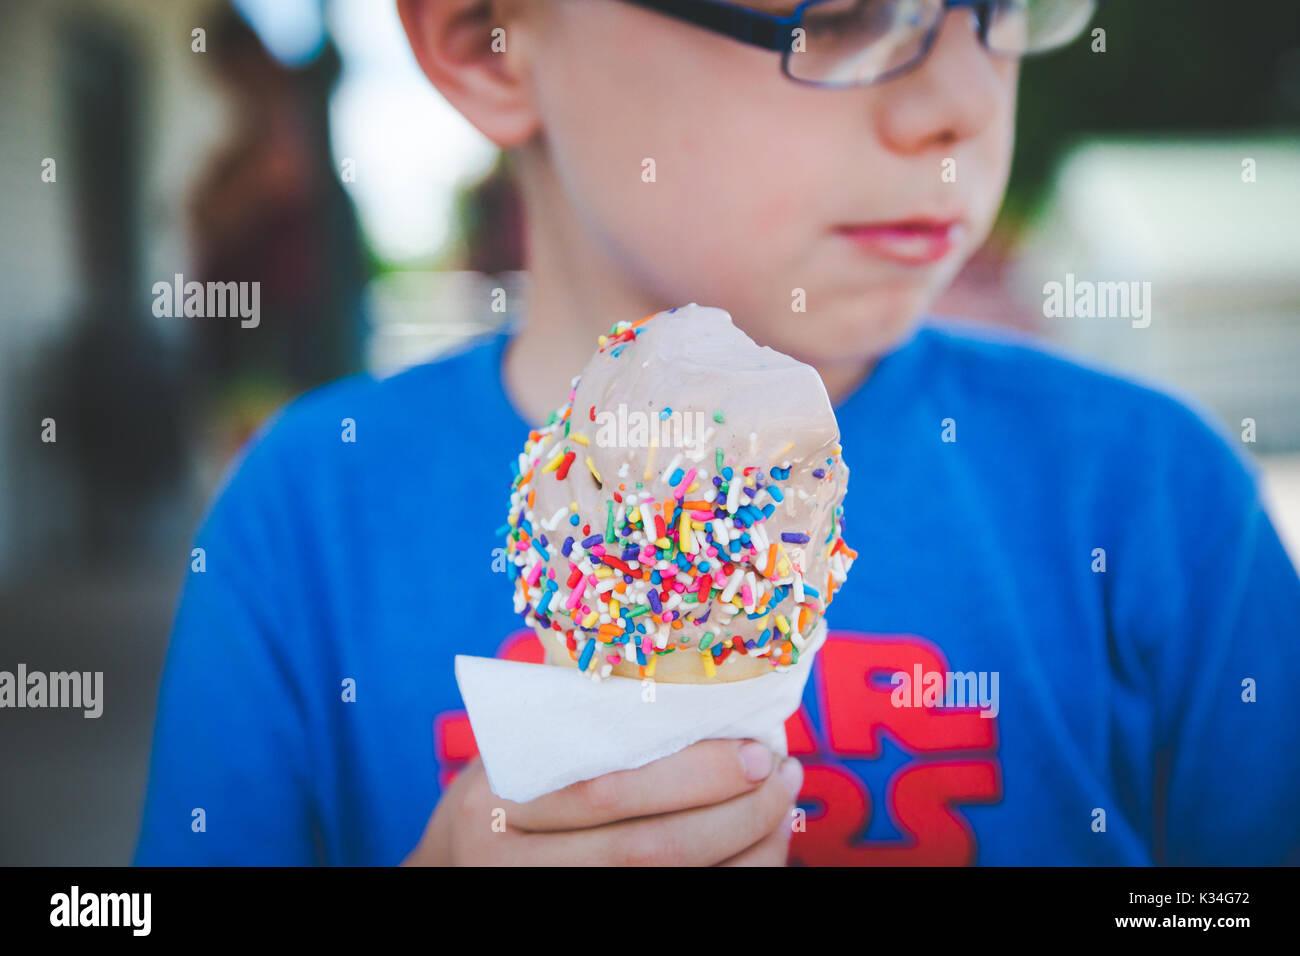 Un garçon mange un cornet de crème glacée pendant une saison chaude. Photo Stock